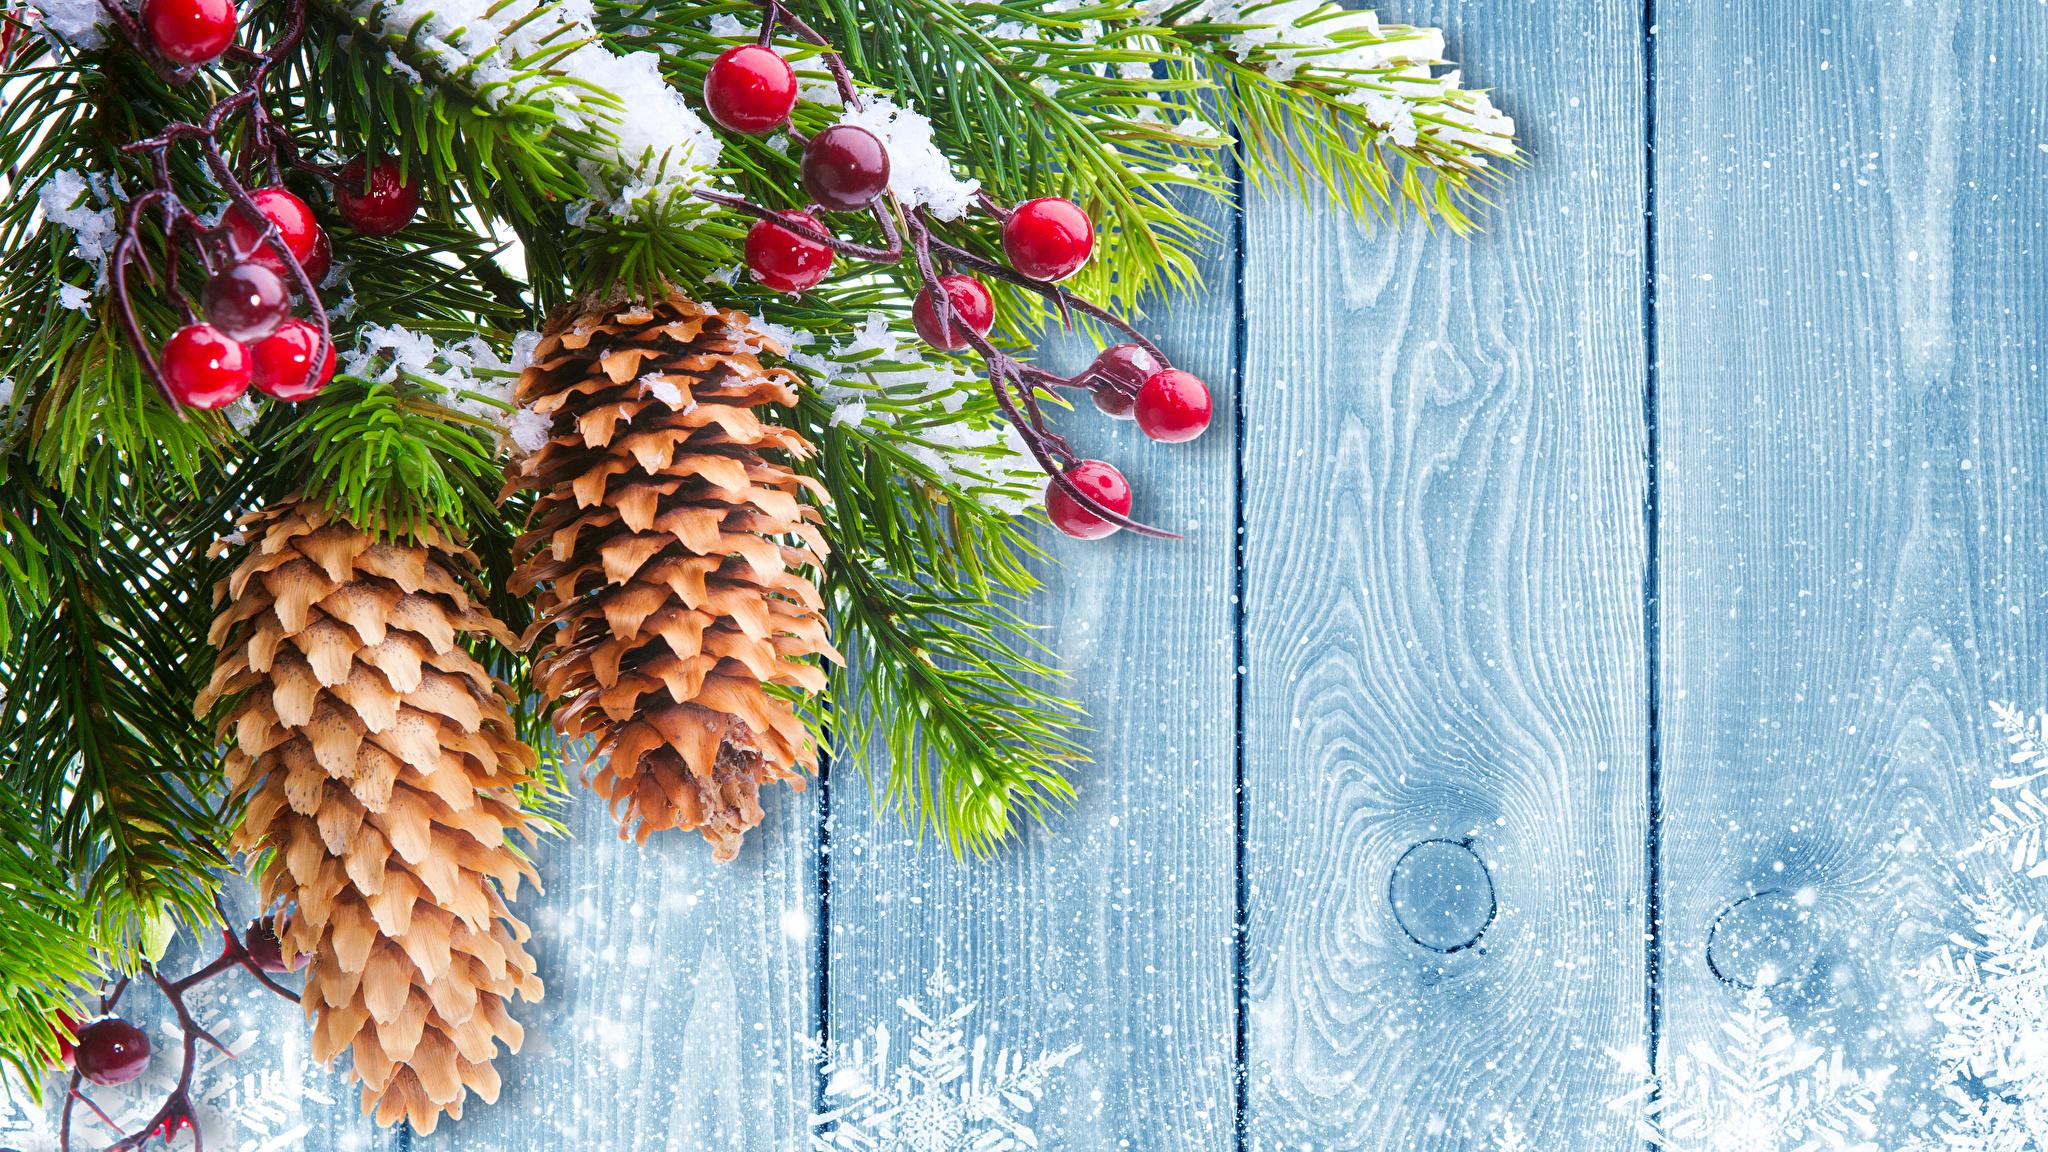 Рождество, с Рождеством, Поздравление с Рождеством, Рождество Христово, с Рождеством Христовым